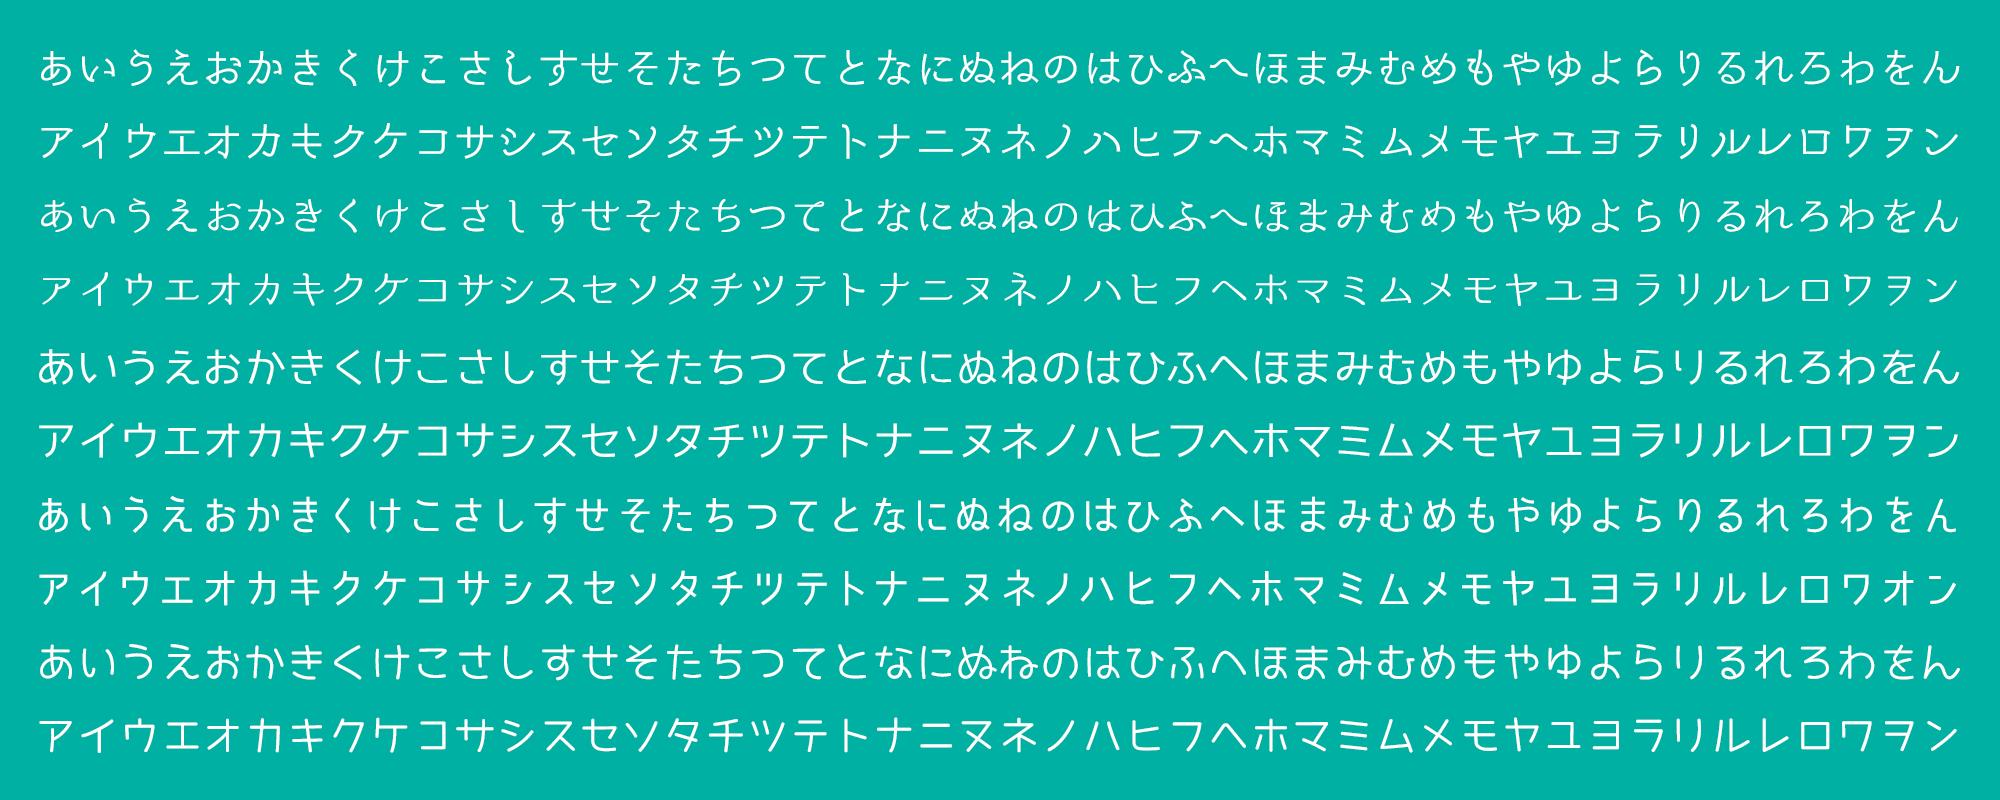 ウェブフォントファンブログ